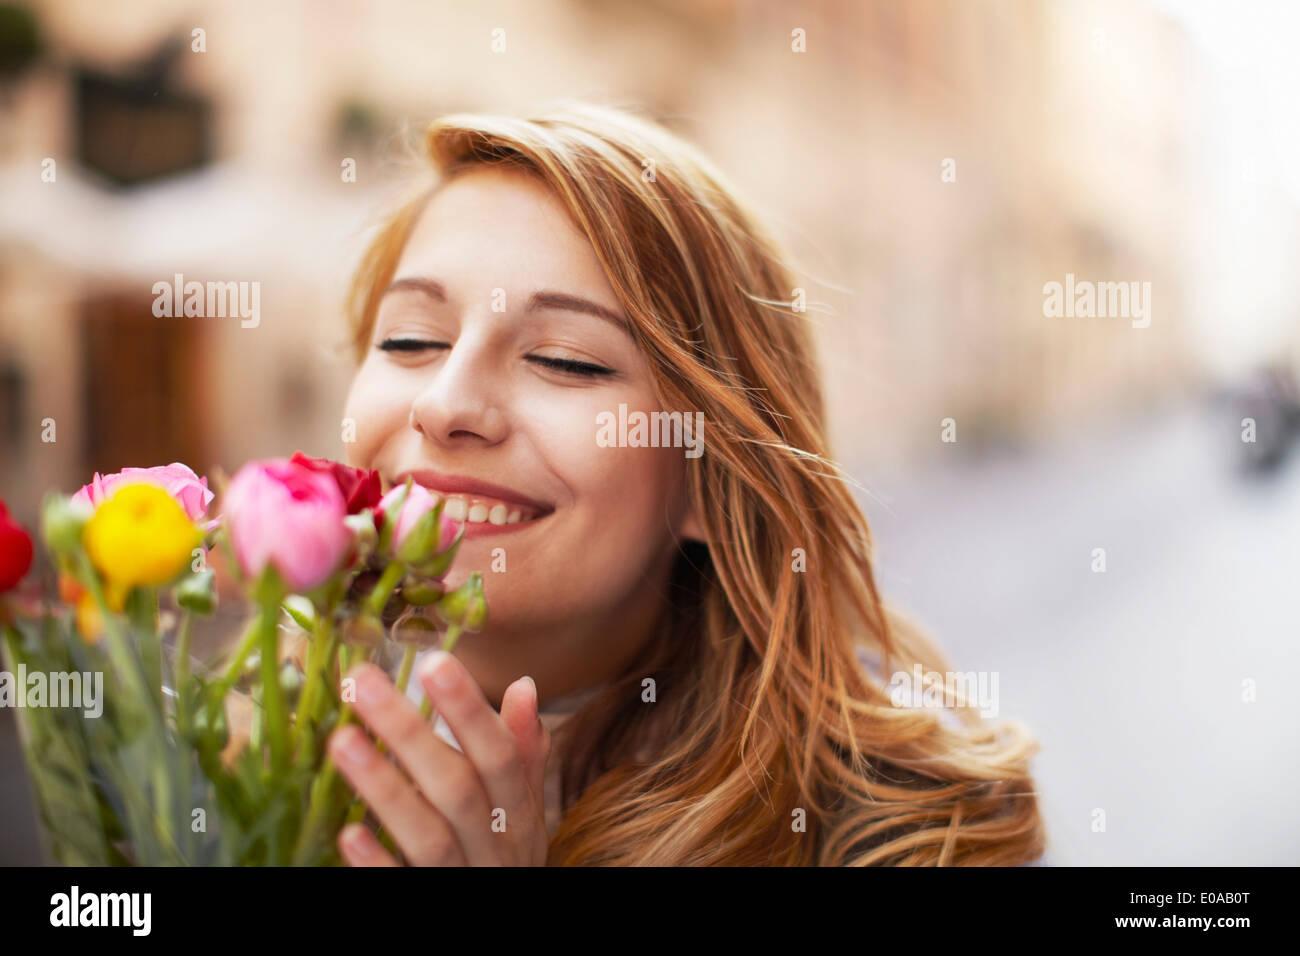 Lächelnde junge Frau riechen einen Blumenstrauß Stockbild